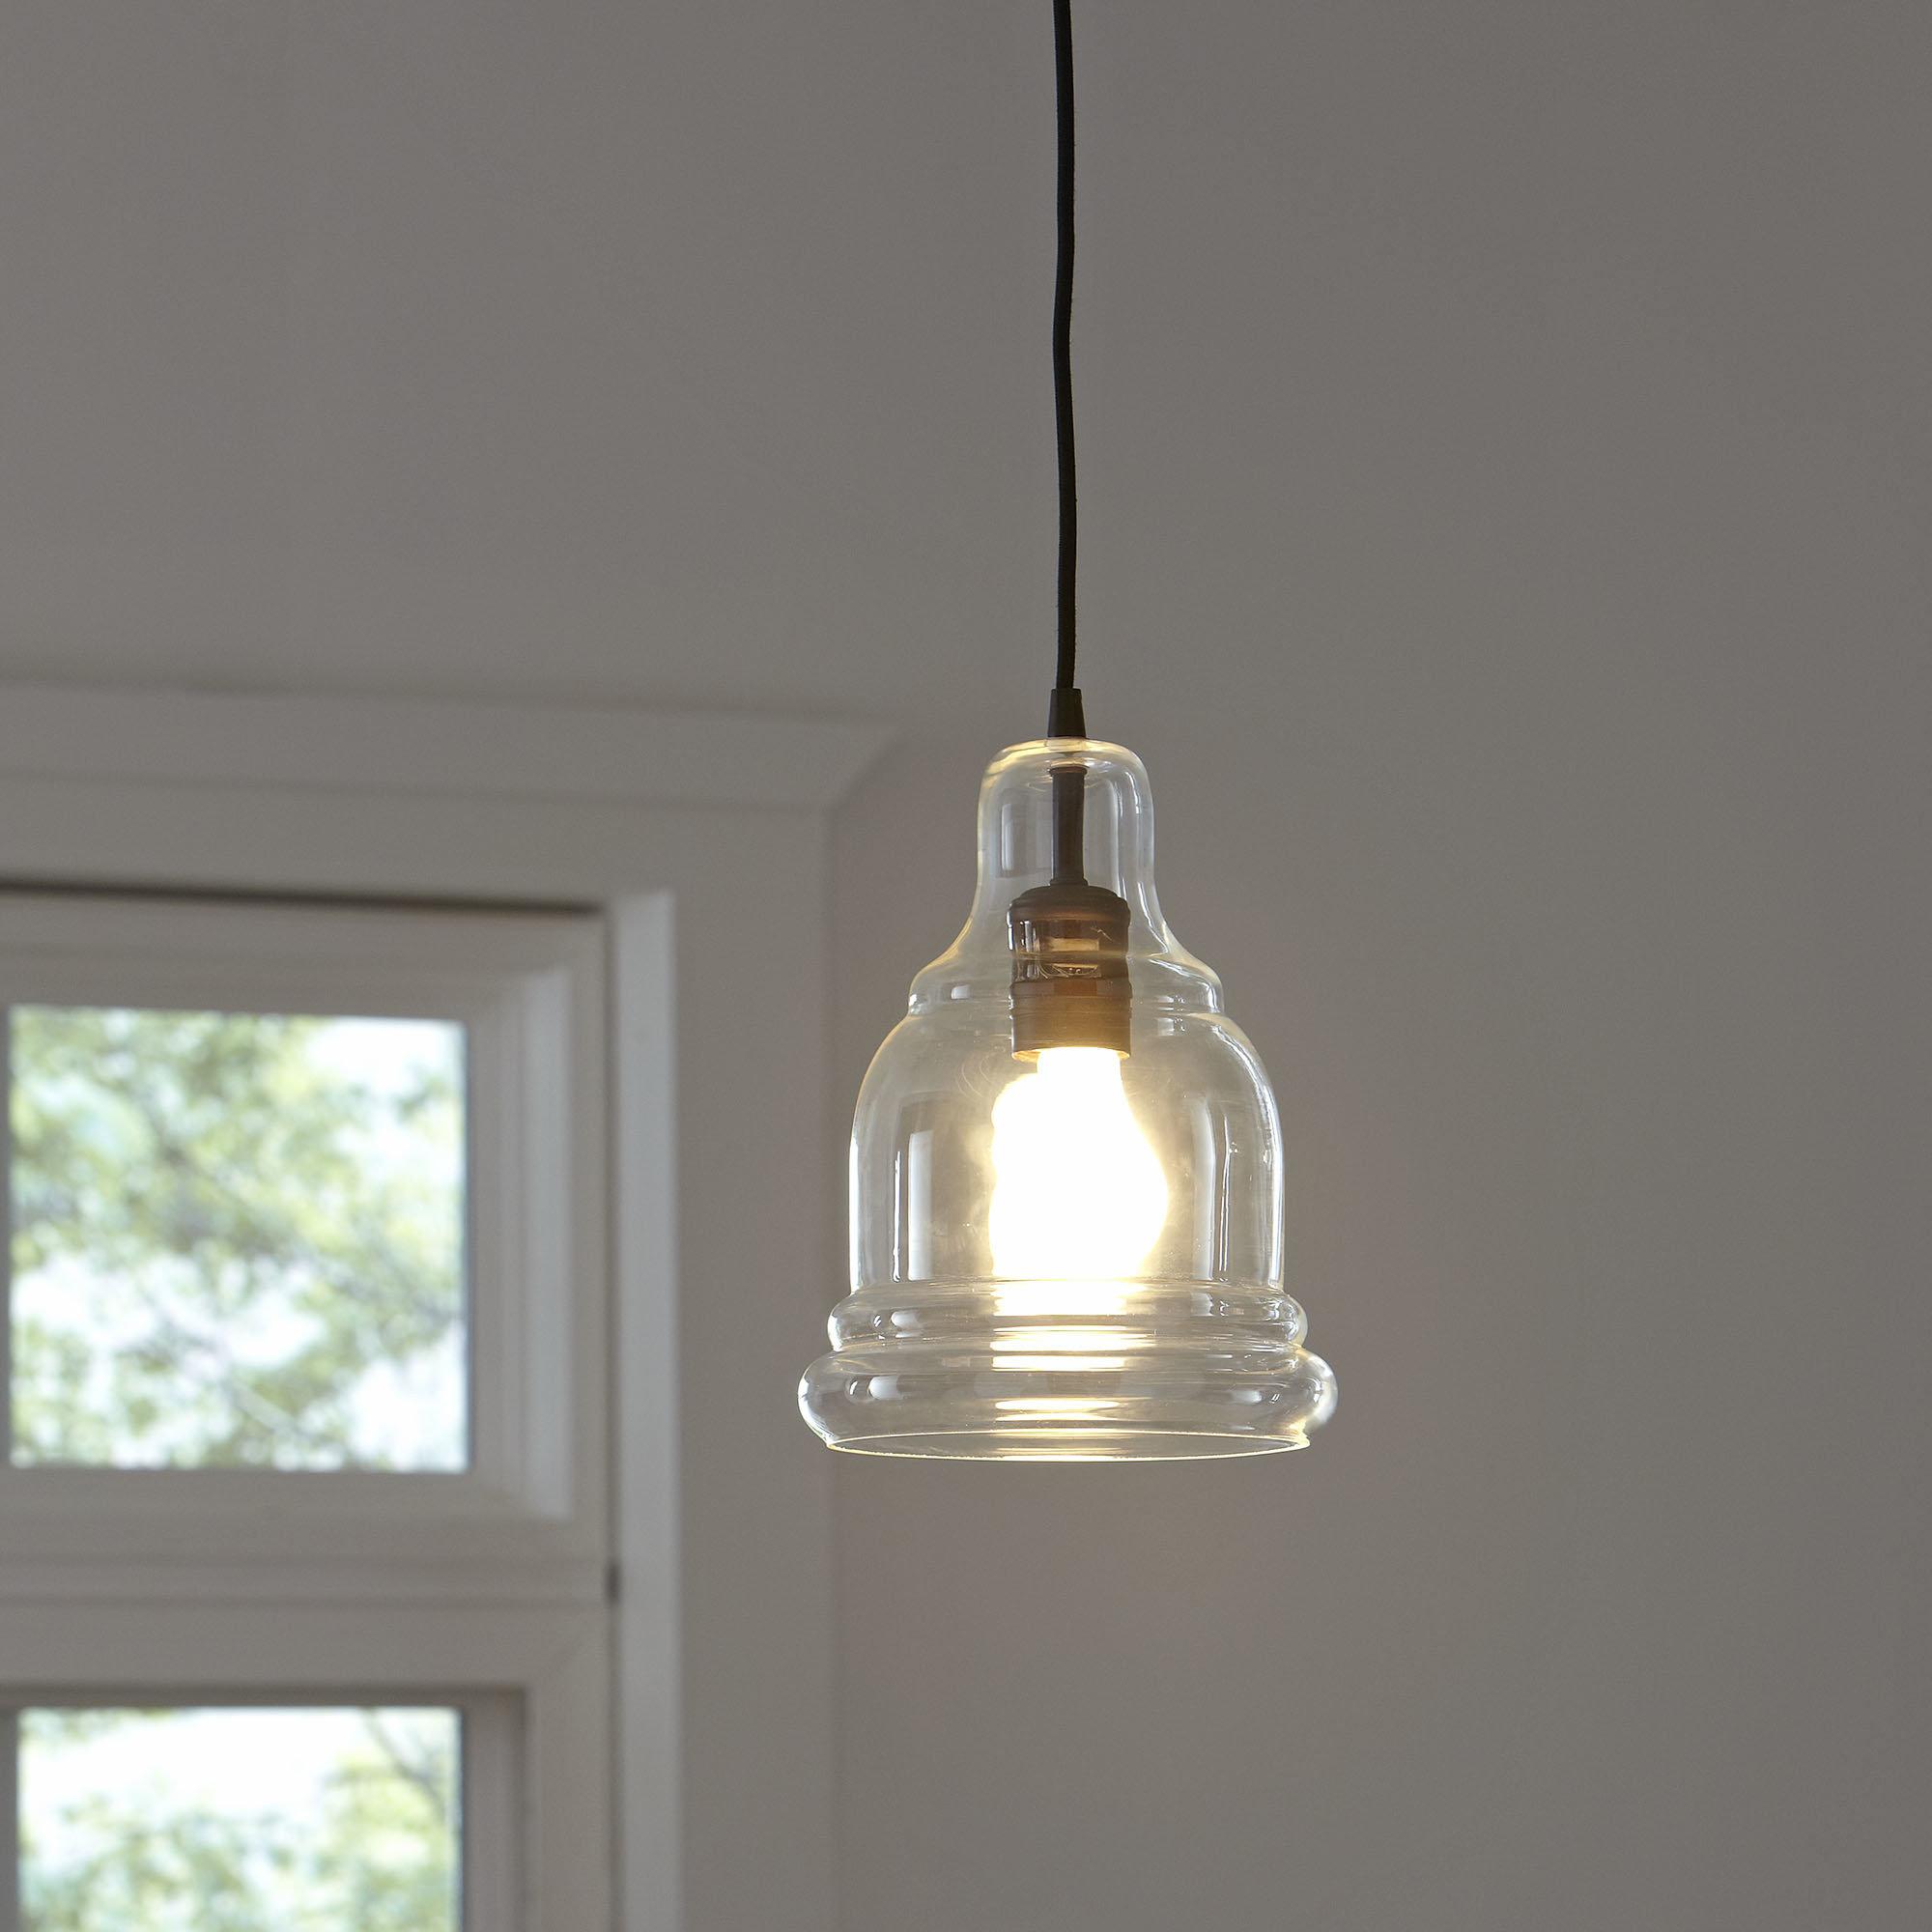 Rafaello Edison 1 Light Bell Pendant Intended For Vintage Edison 1 Light Bowl Pendants (Gallery 12 of 30)